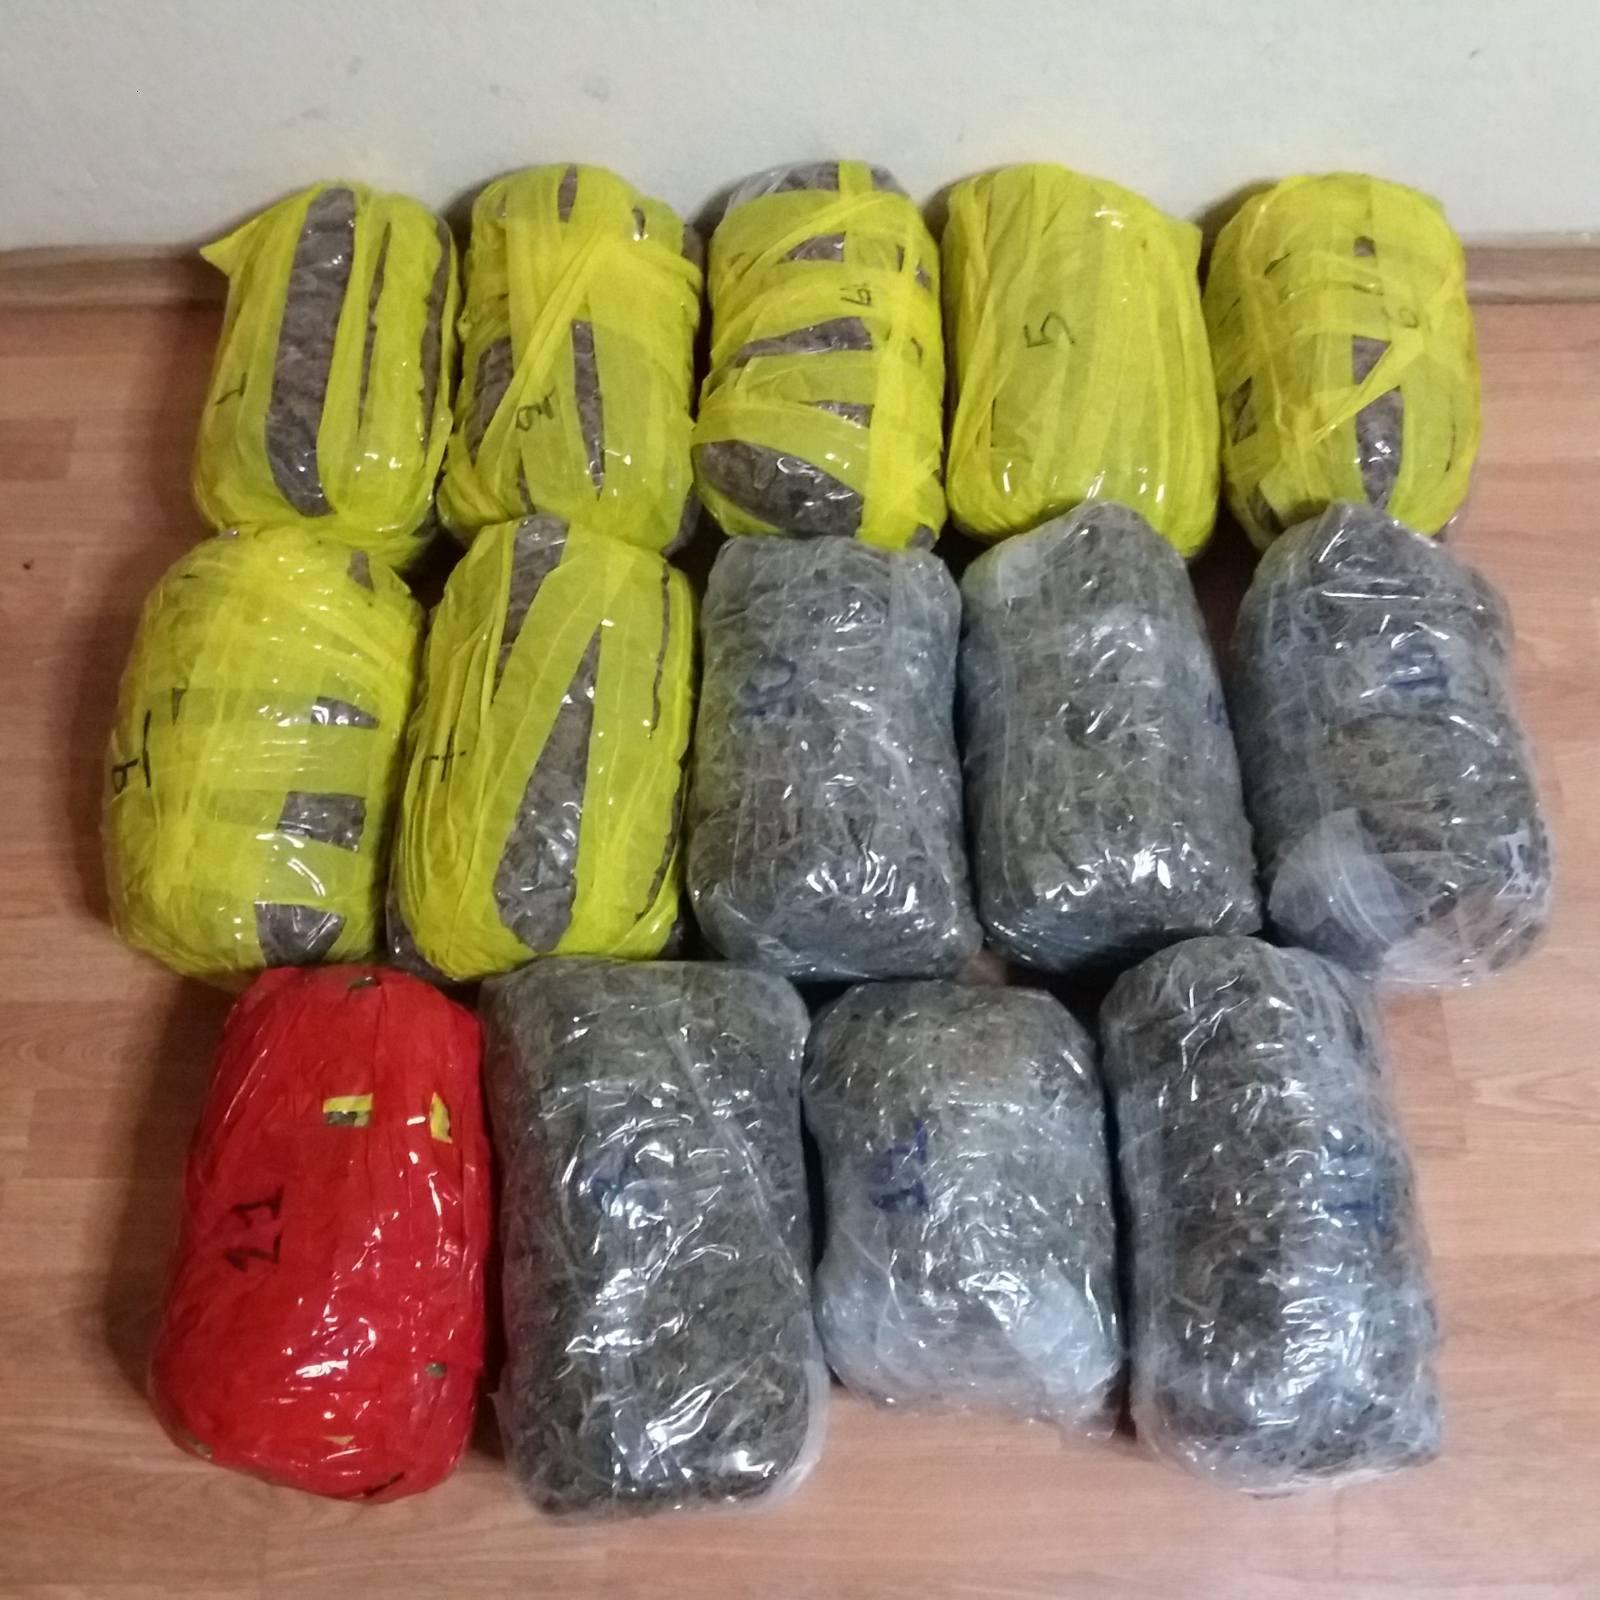 Συνελήφθη 26χρονος αλλοδαπός για διακίνηση ποσότητας ακατέργαστης κάνναβης βάρους -14- κιλών και -180- γραμμαρίων, σε περιοχή της Καστοριάς